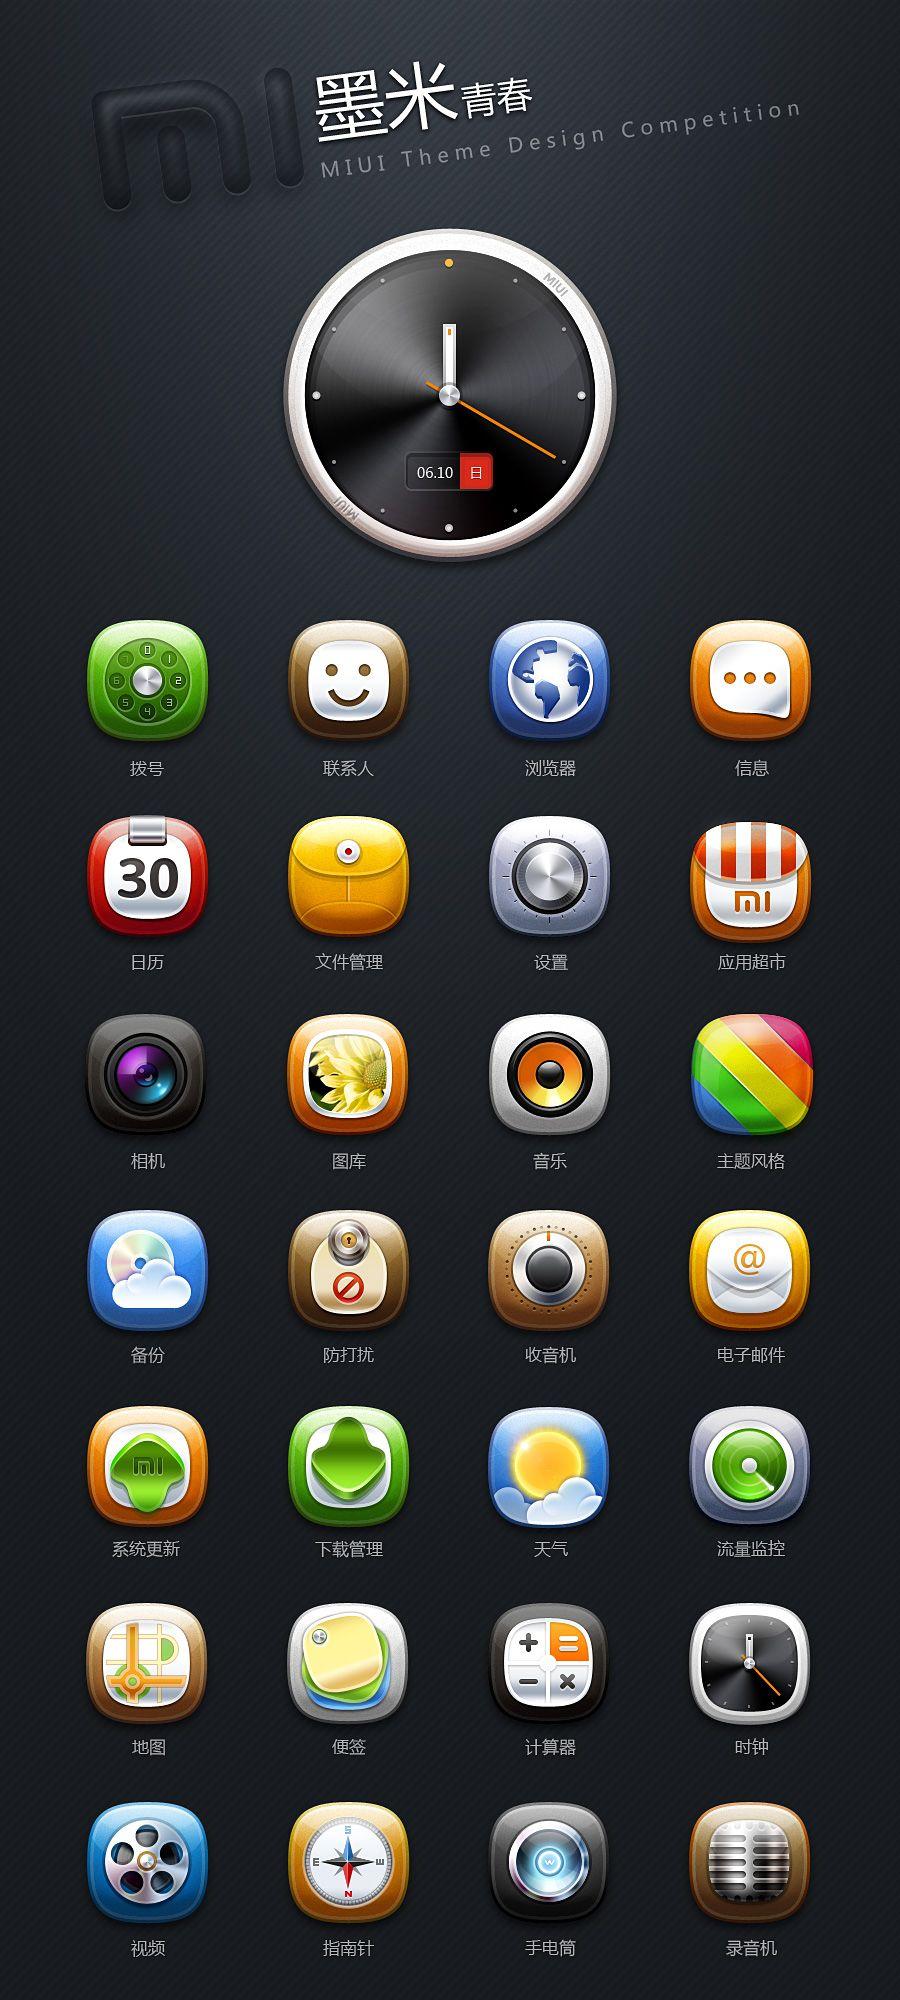 Pin on UI & UX design